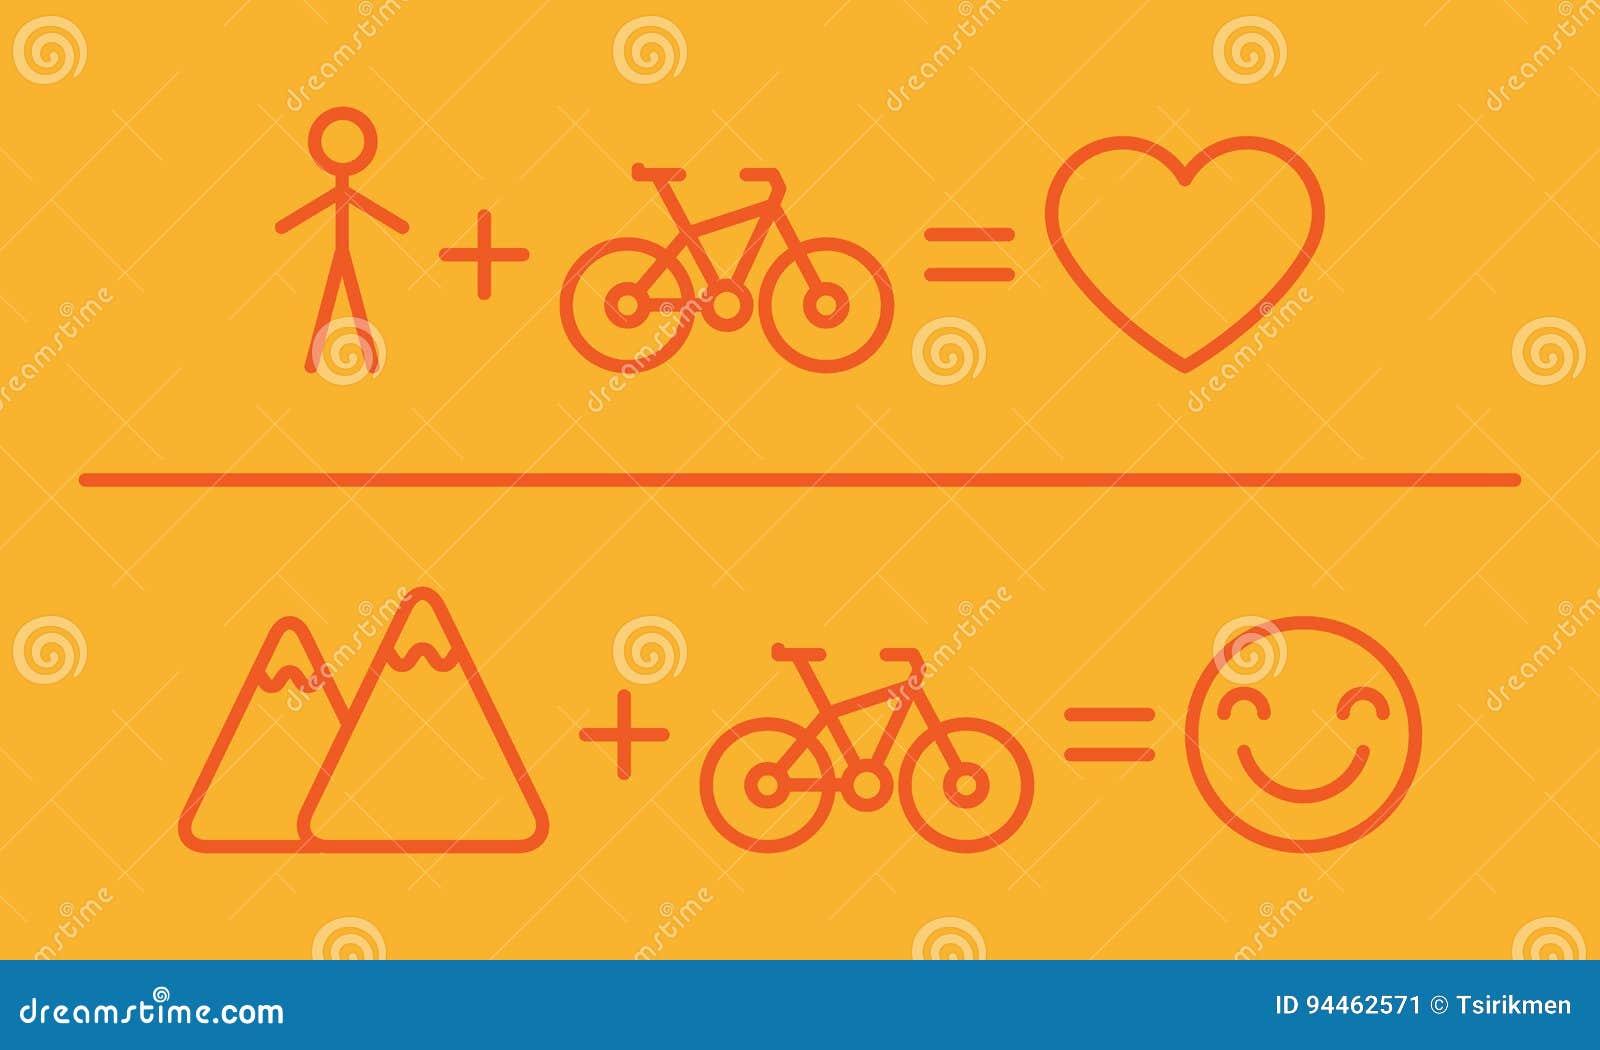 Kreative Gleichung über Fahrräder